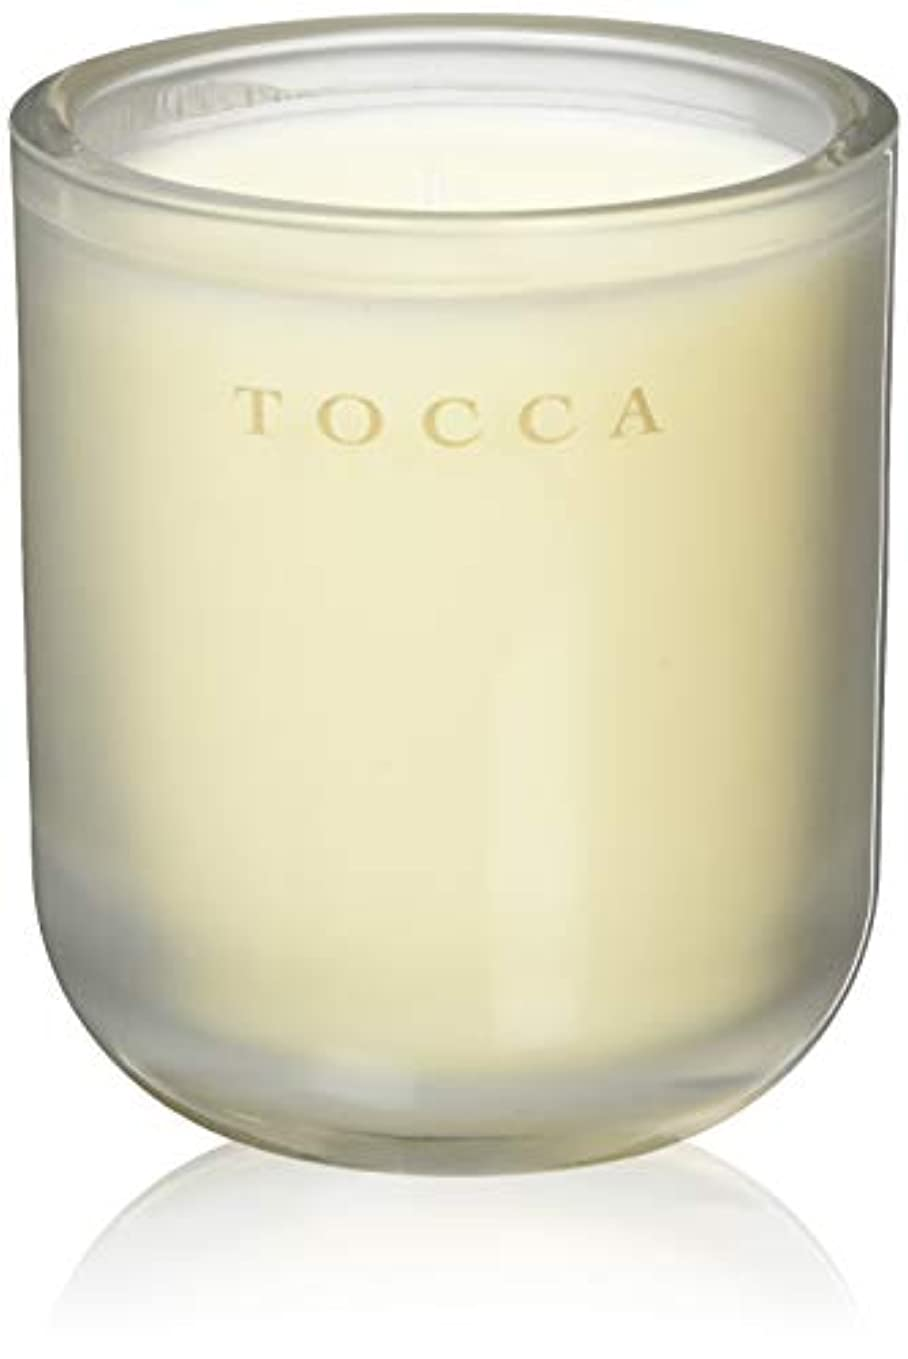 TOCCA(トッカ) ボヤージュ キャンドル バレンシア 287g (ろうそく 芳香 オレンジとベルガモットのフレッシュシトラスな香り)